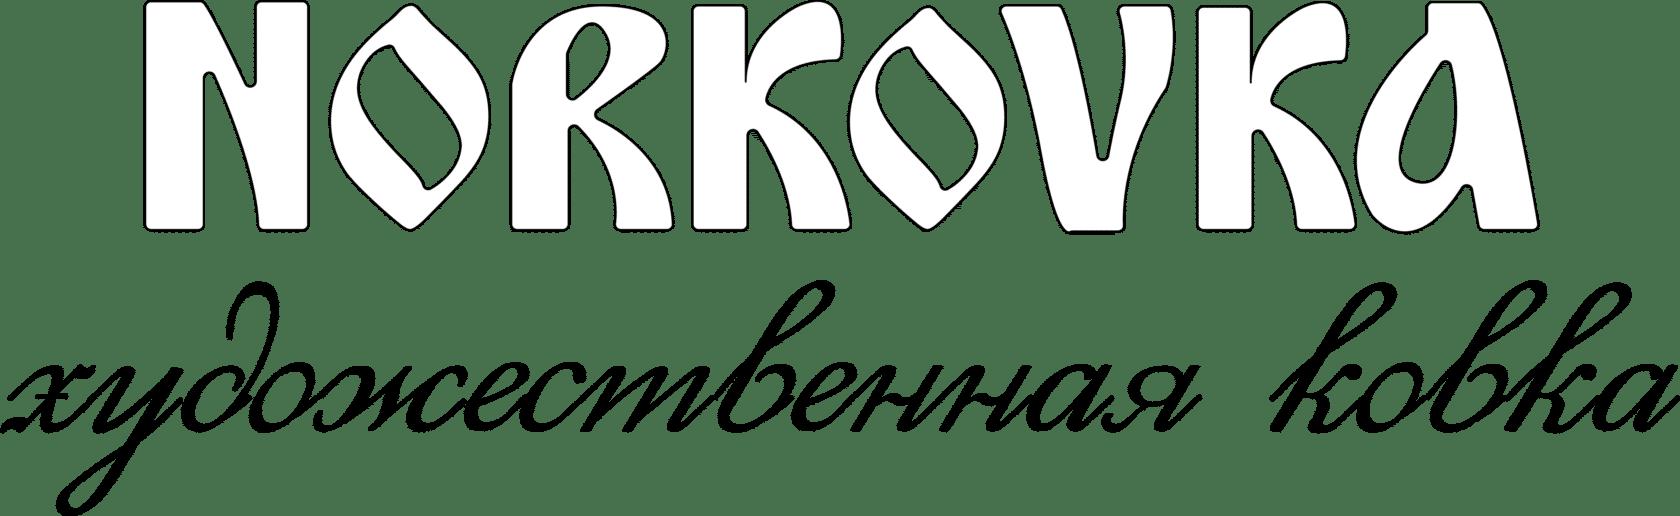 Кованая мебель Элитная кованая мебель Арт. М-006 Norkovka